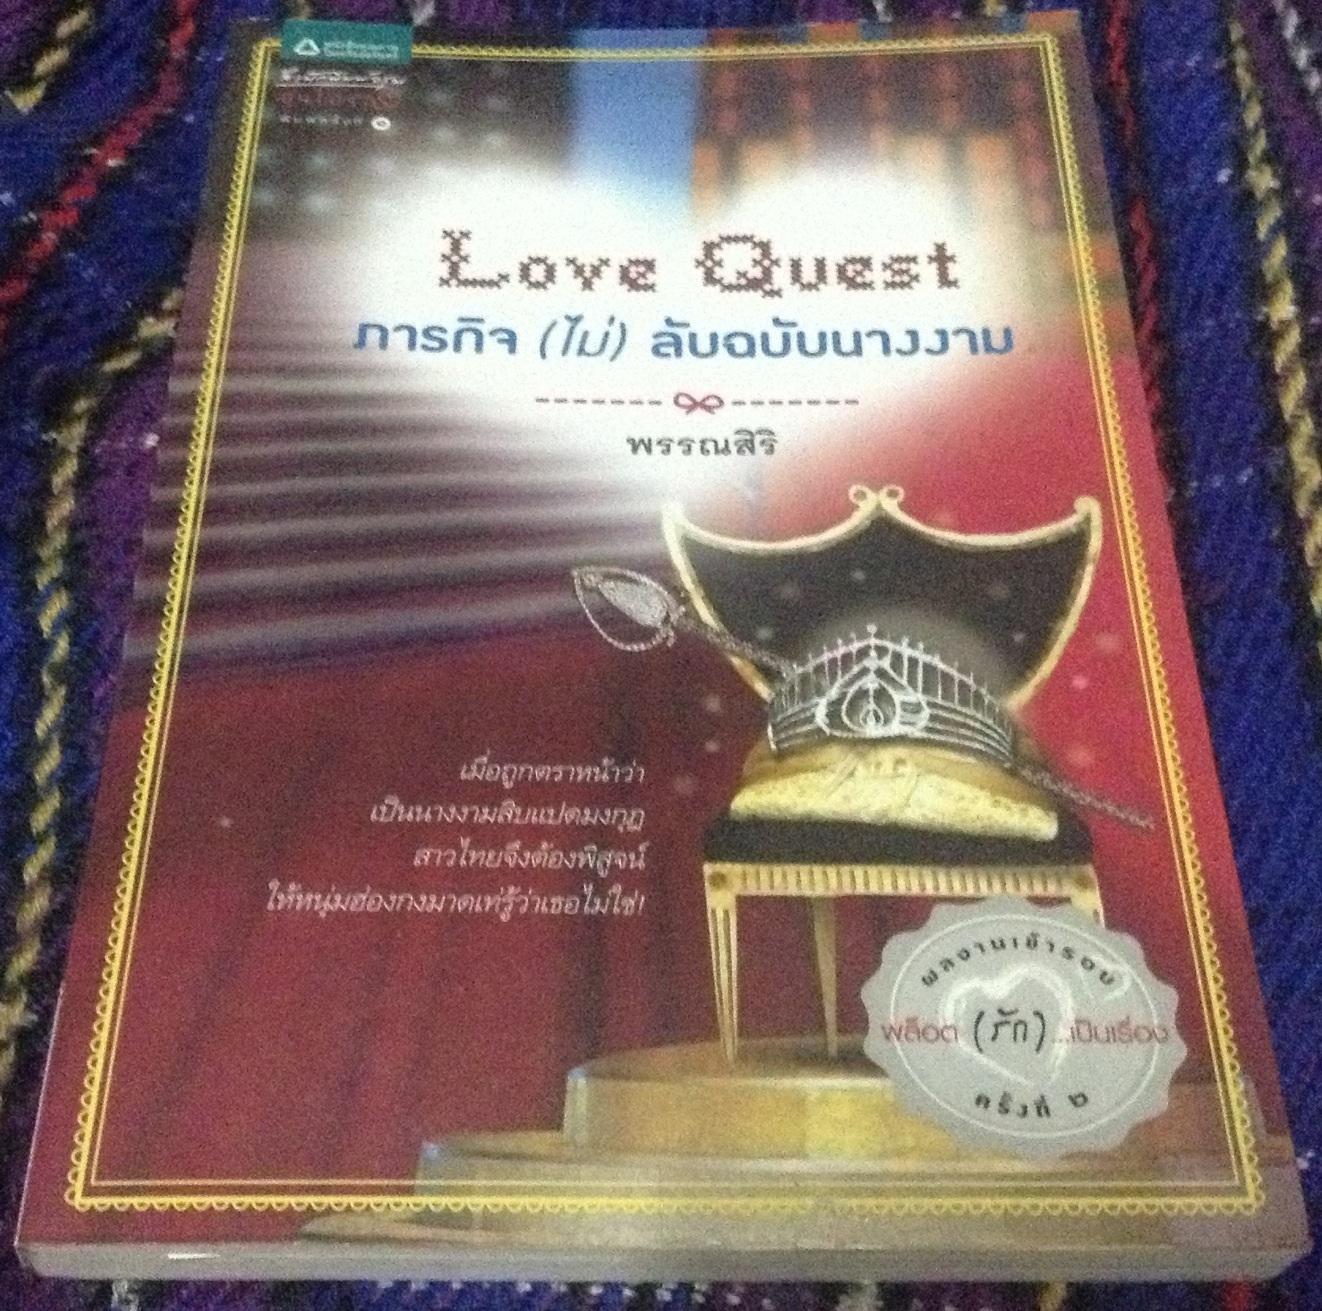 Love Quest ภารกิจ(ไม่)ลับฉบับนางงาม พรรณสิริ ราคา 112